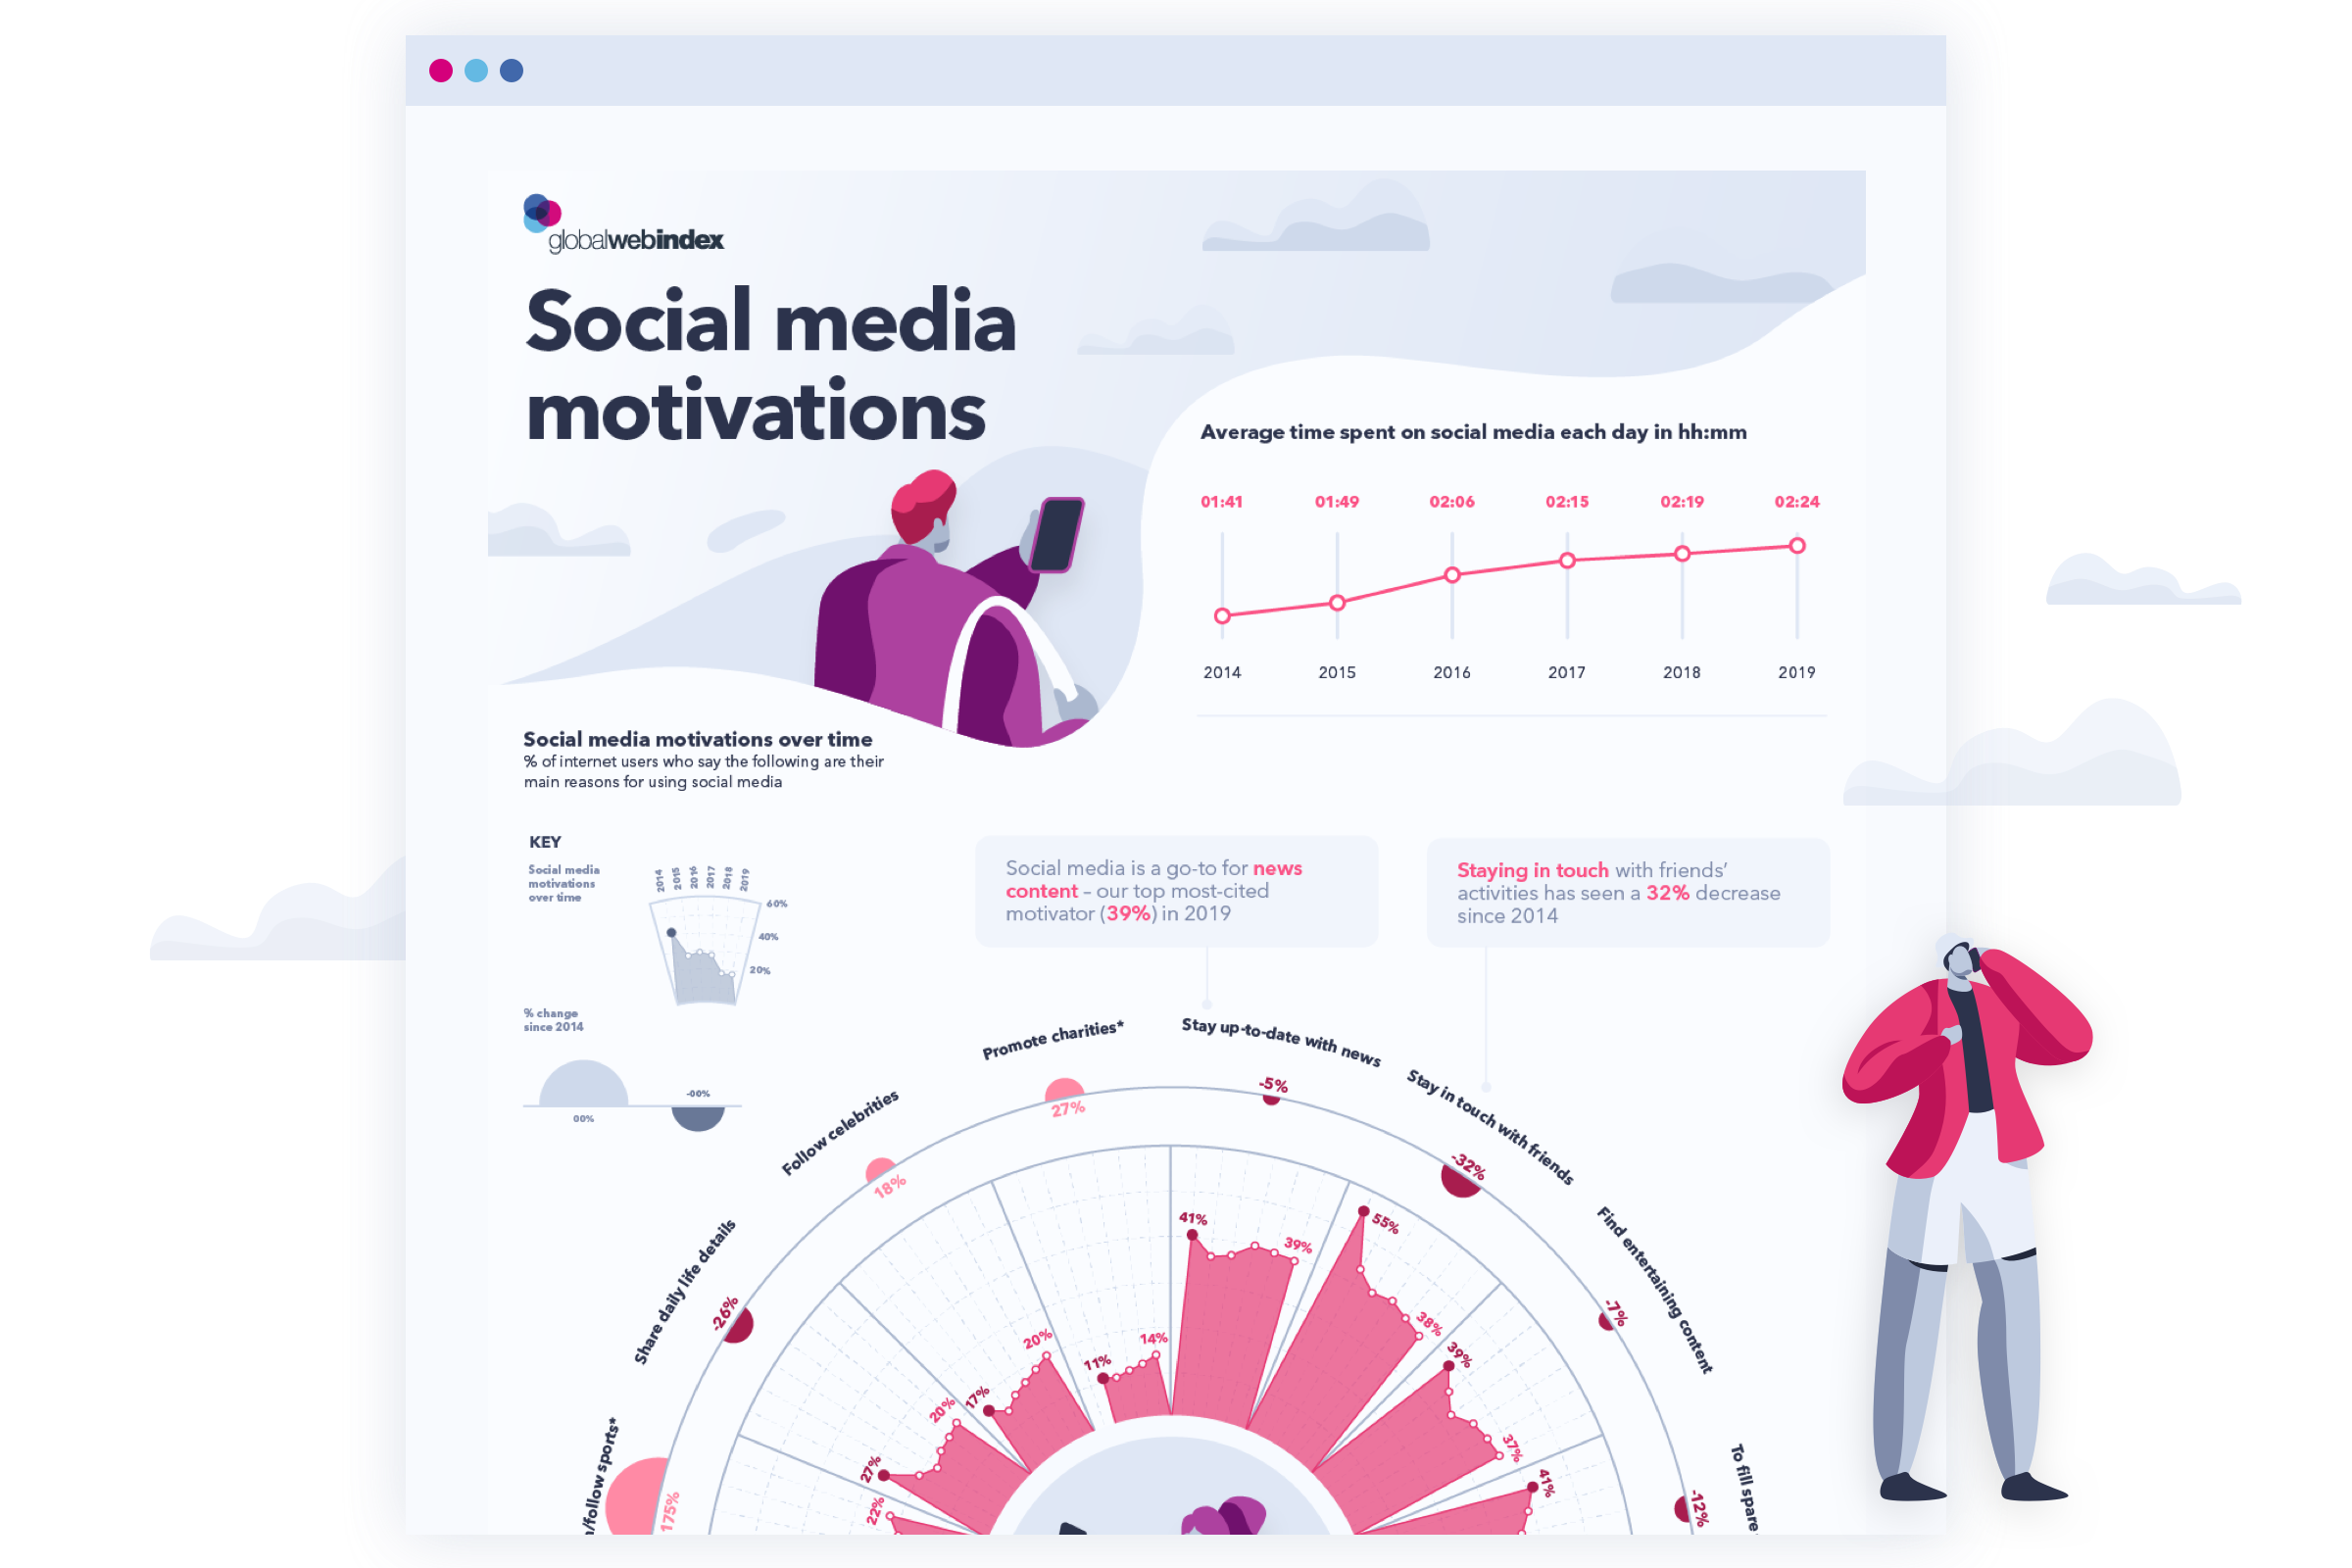 social-media-motivations-2020